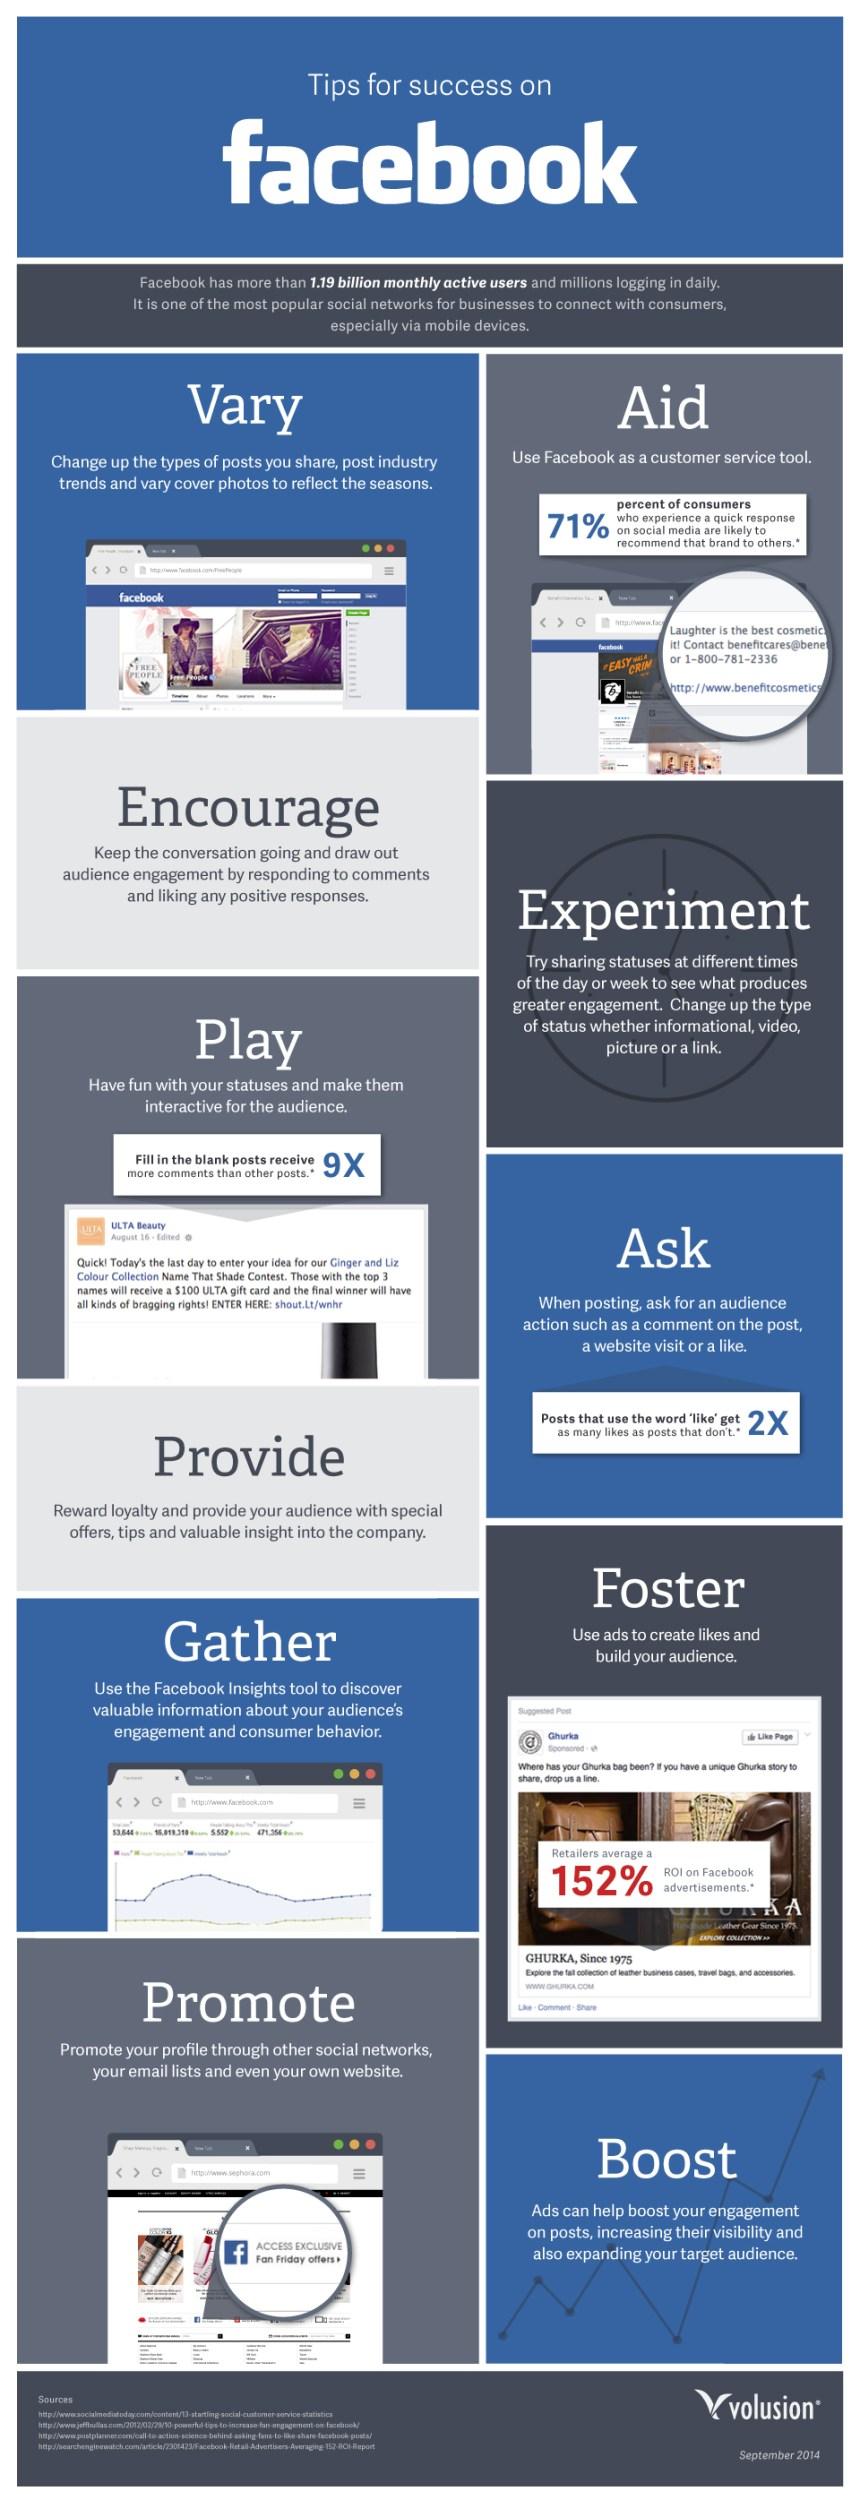 11 consejos para el éxito en FaceBook